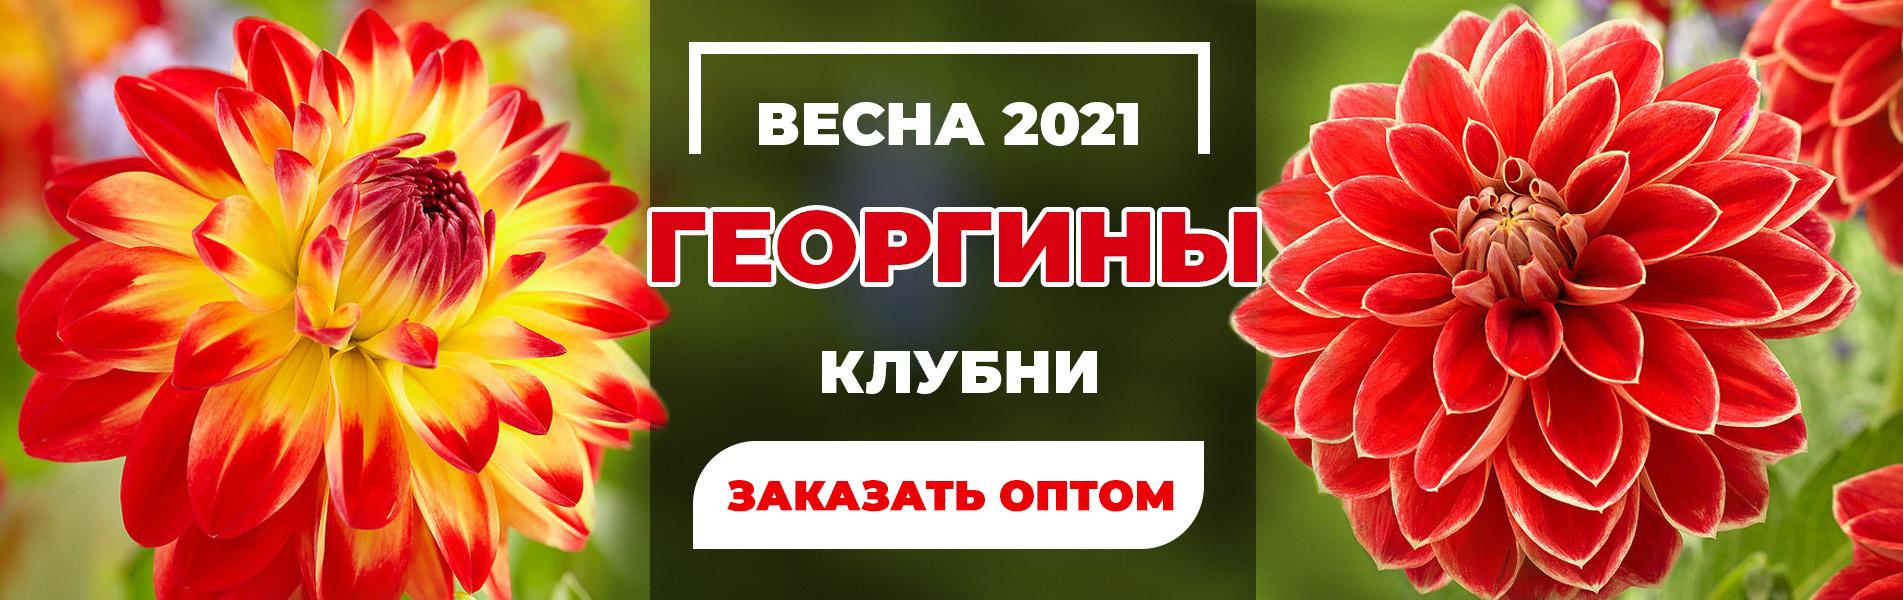 Весна 2021 Георгины